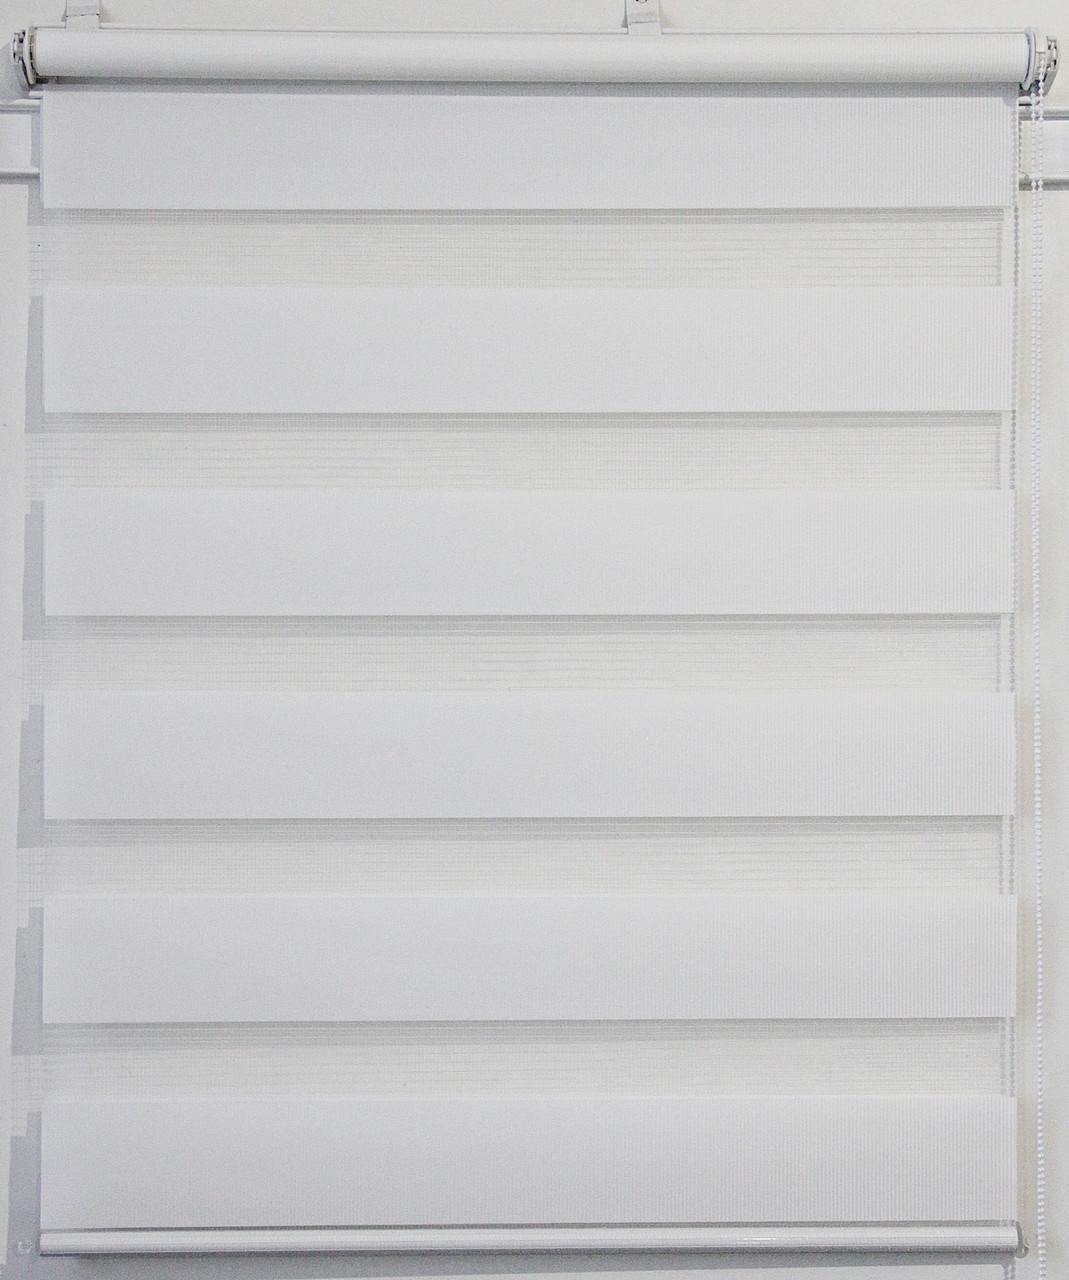 Готовые рулонные шторы 1000*1600 Ткань ВН-01 Белый